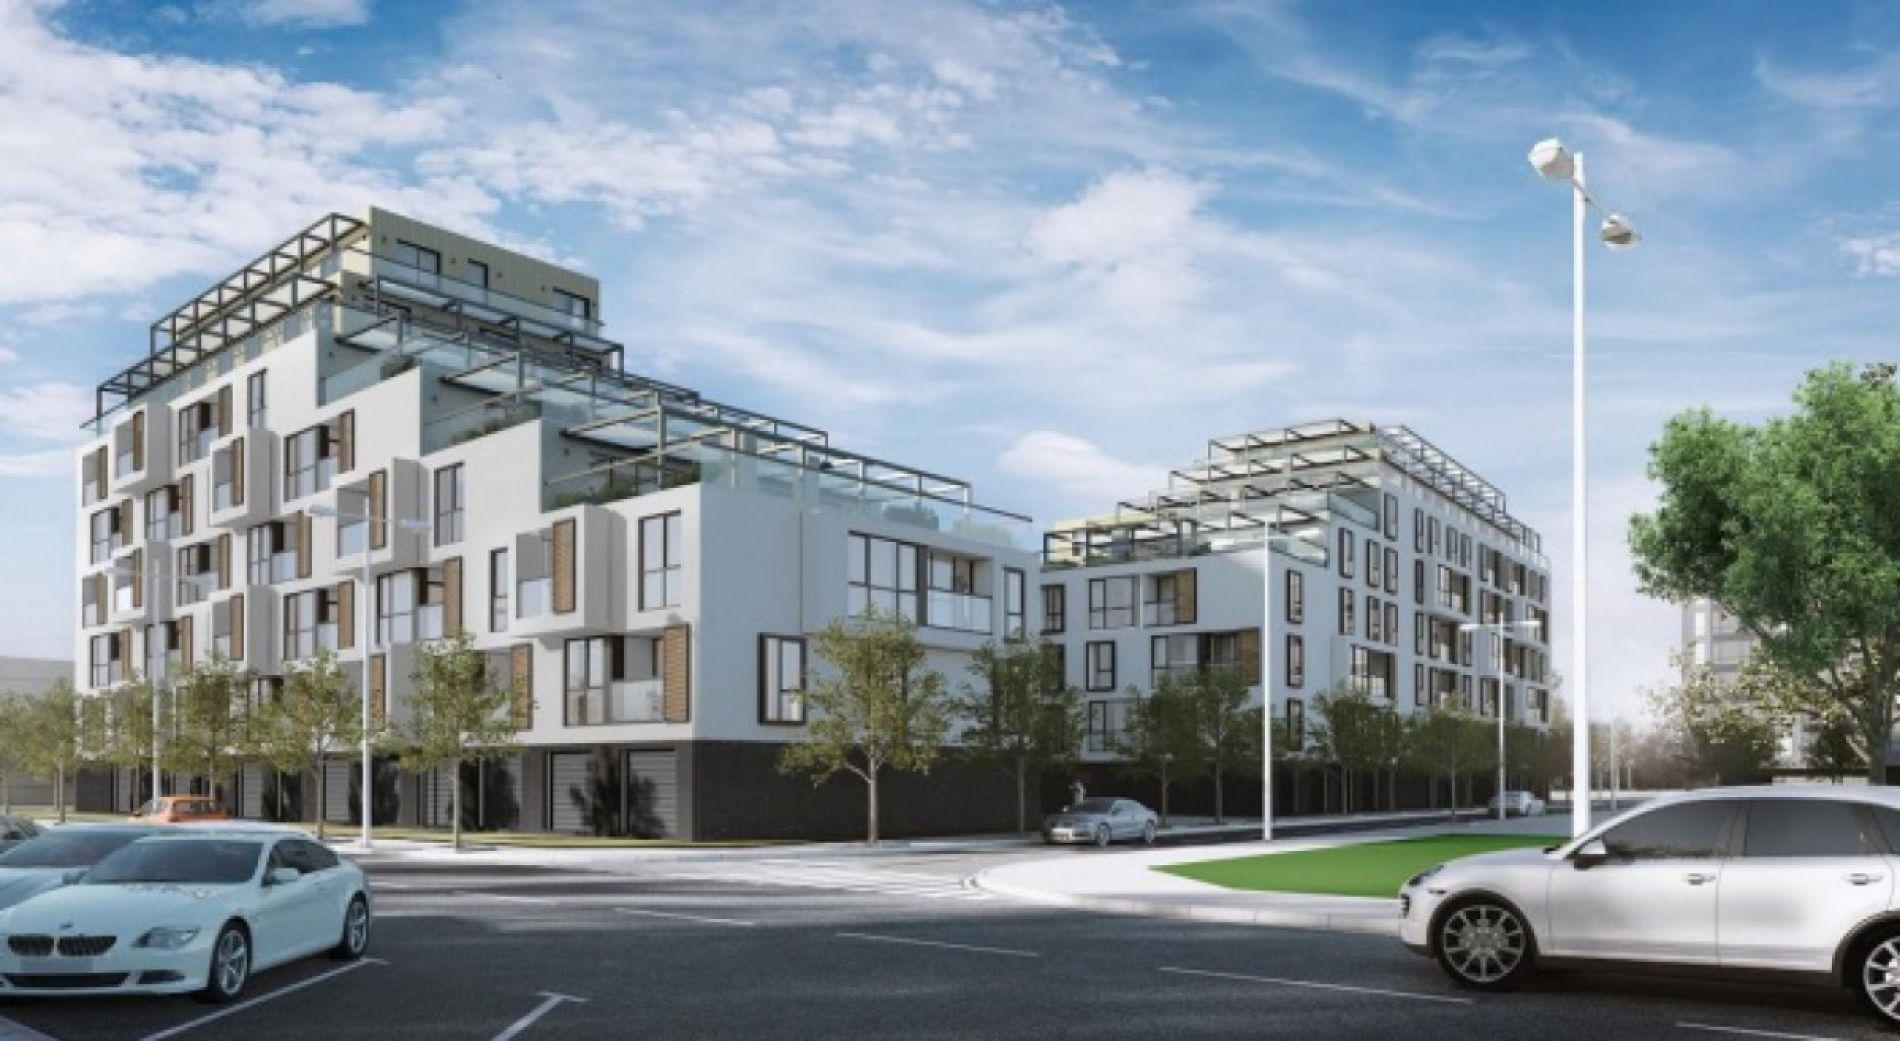 Представлены просторные и функциональные апартаменты в день открытых дверей